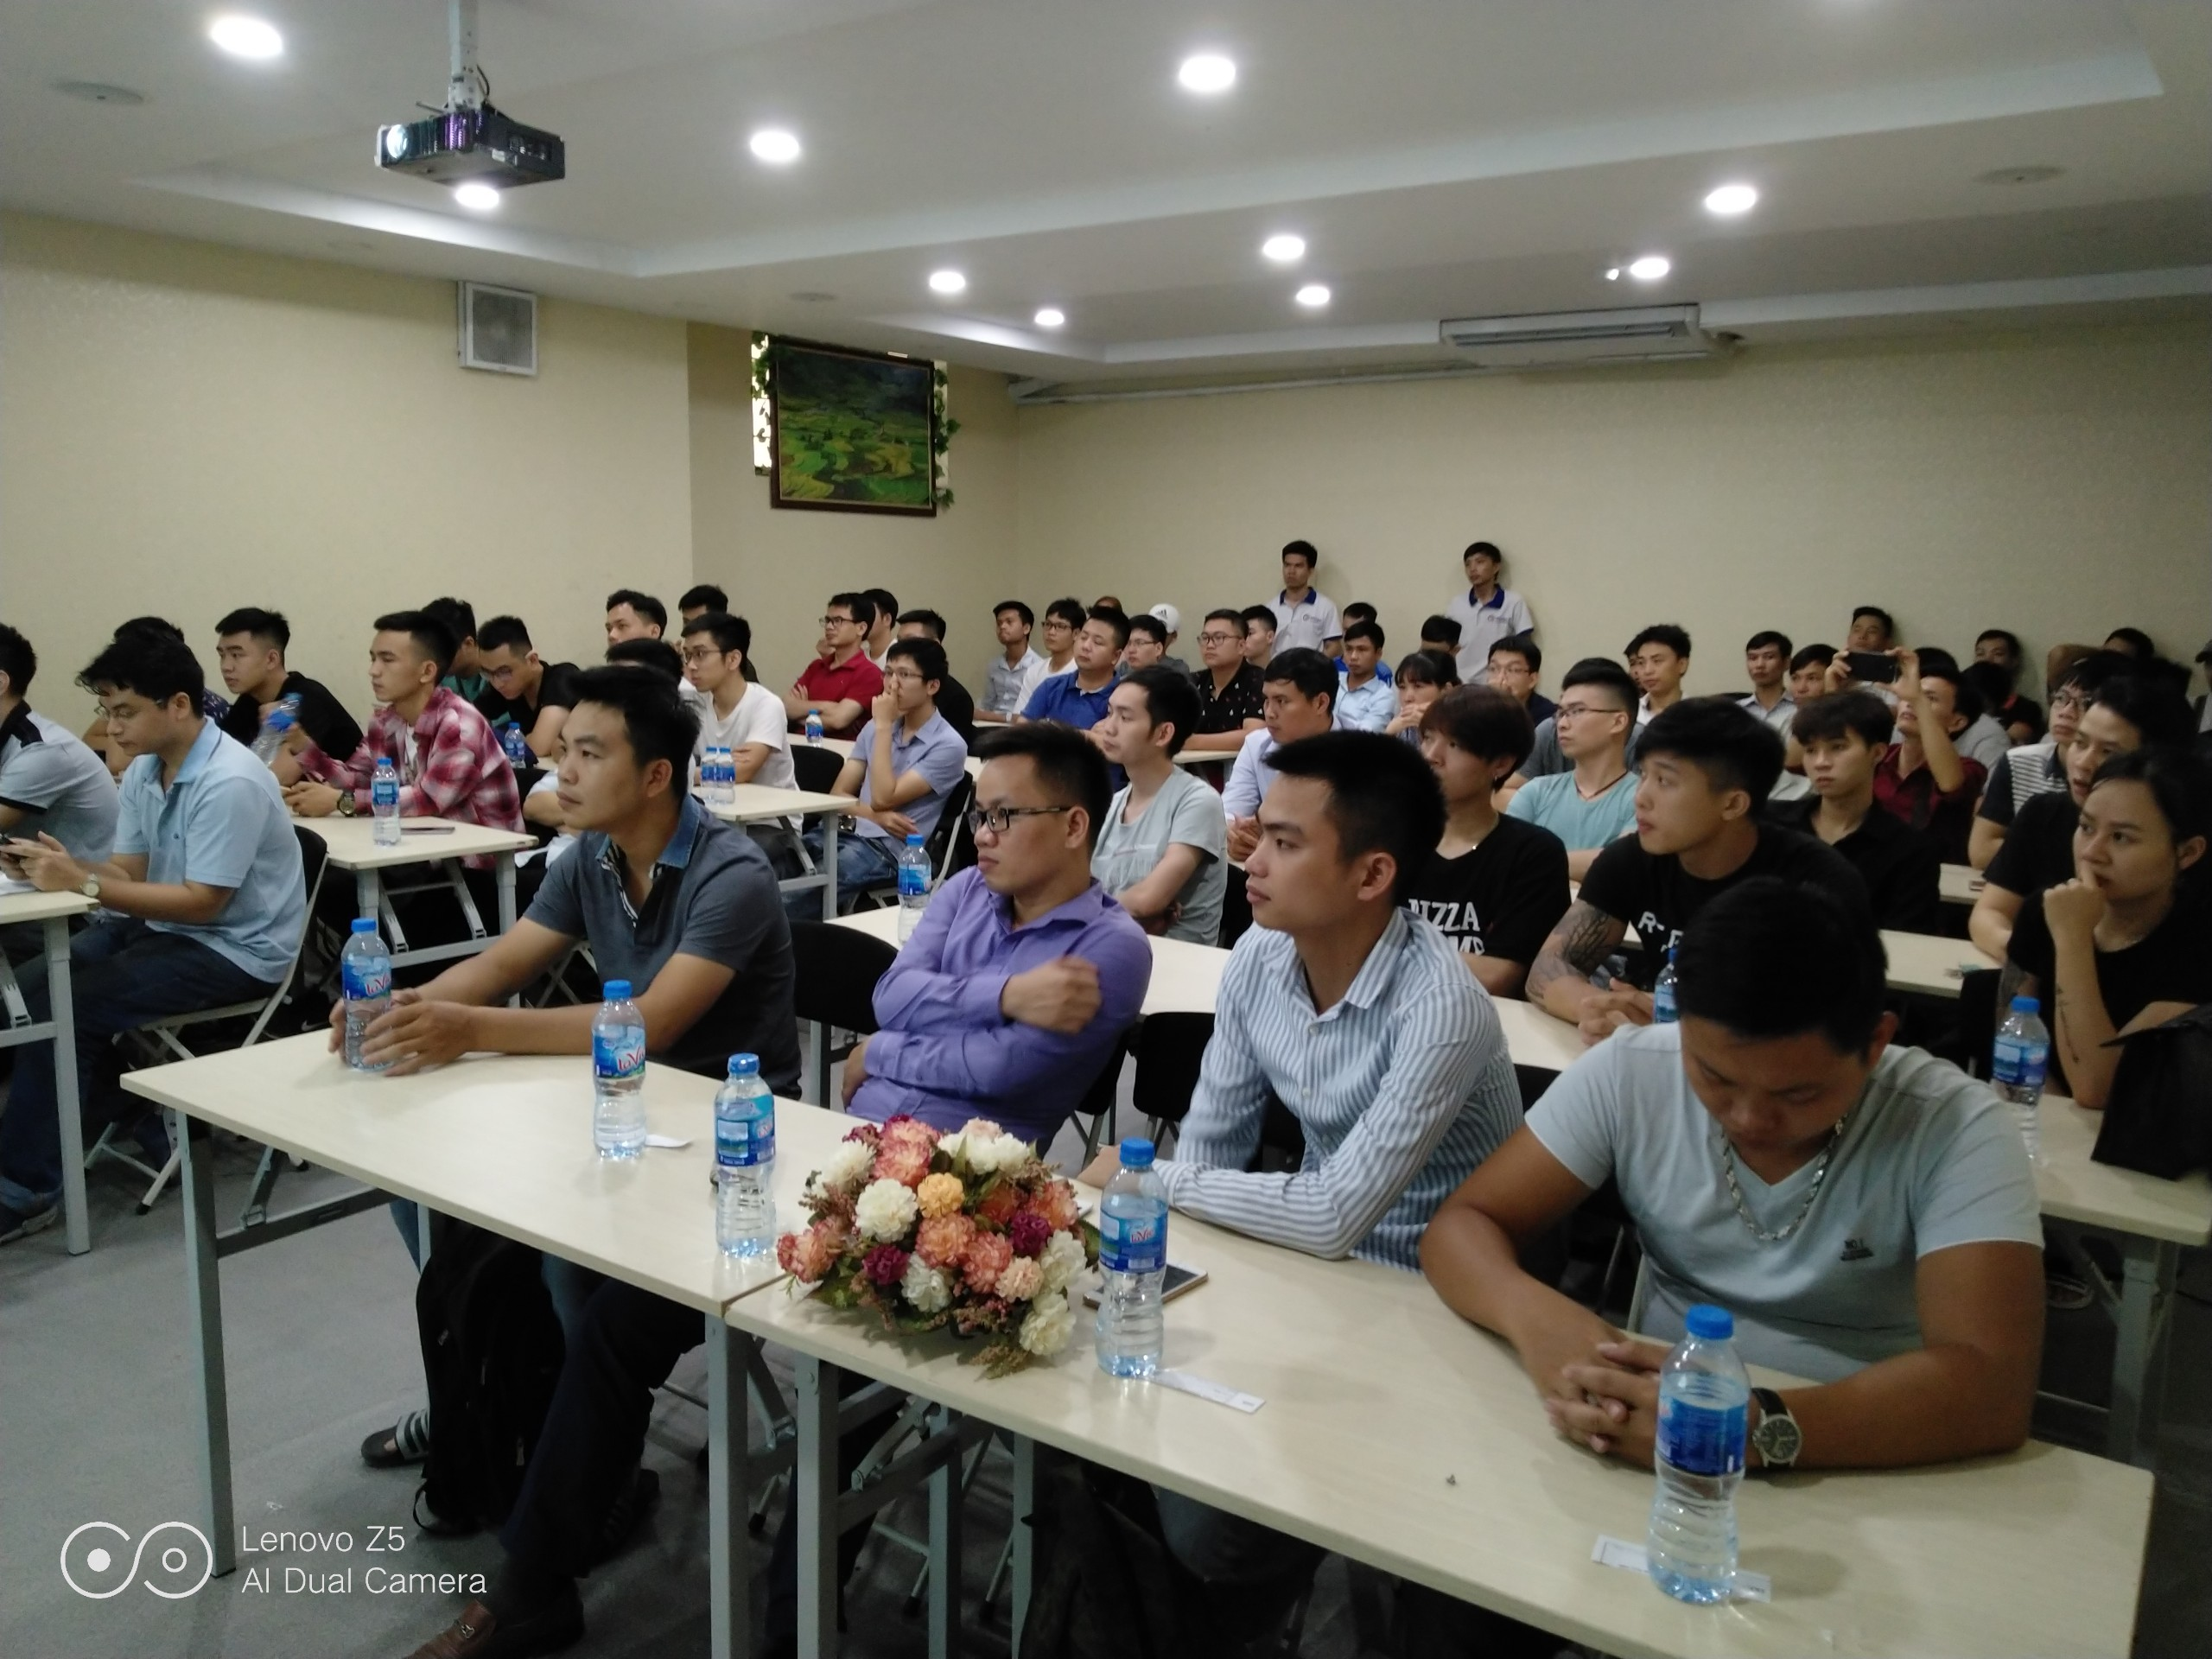 dao tao ninja system3 Tổng kết offline đào tạo Ninja System   phần mềm nuôi nick điện thoại số 1 Việt Nam